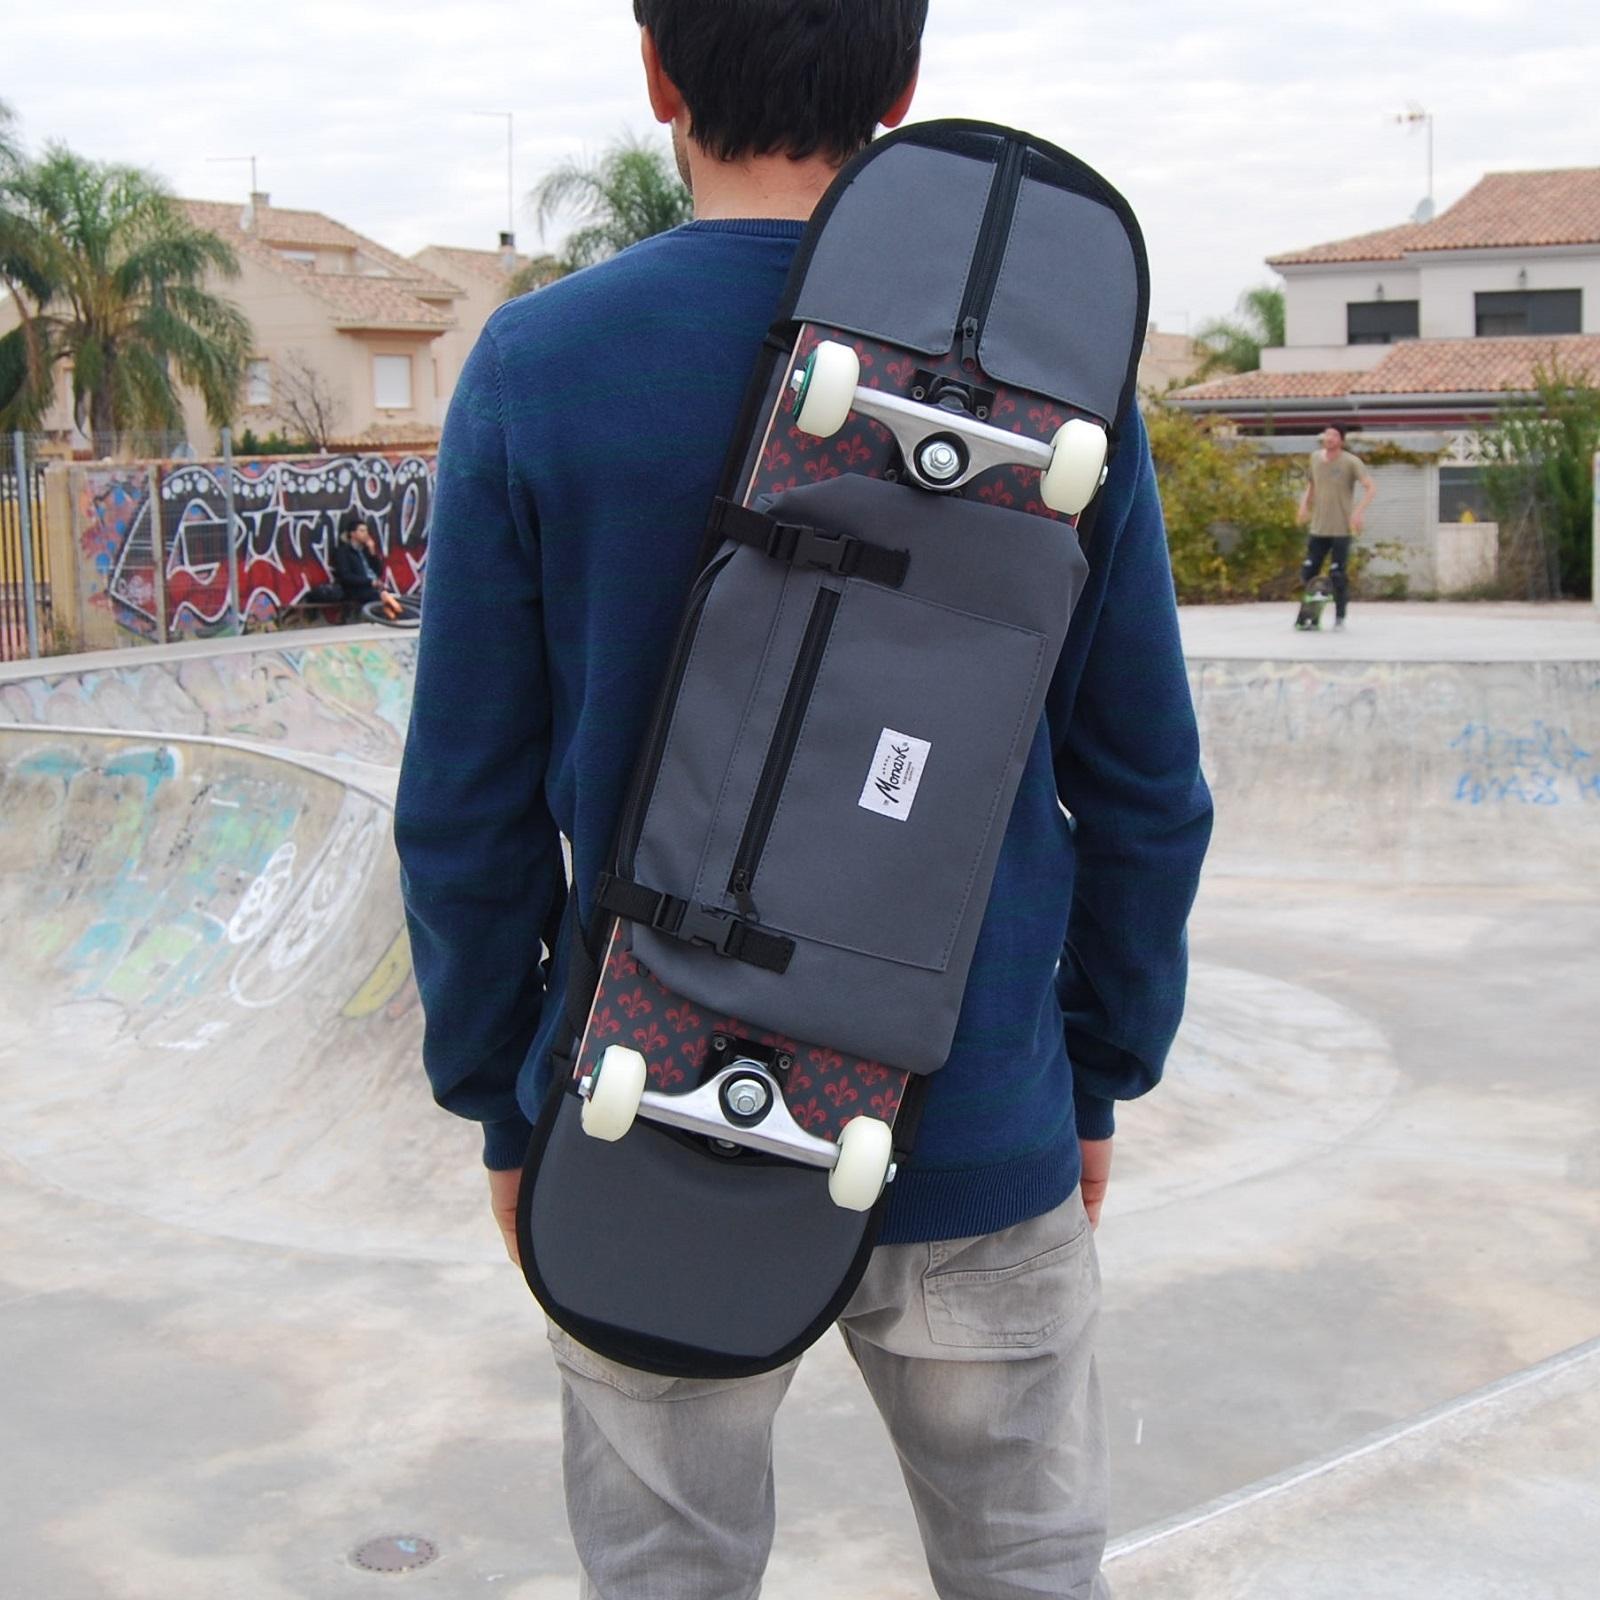 Backpack, shoulder bag and fanny pack skateboard